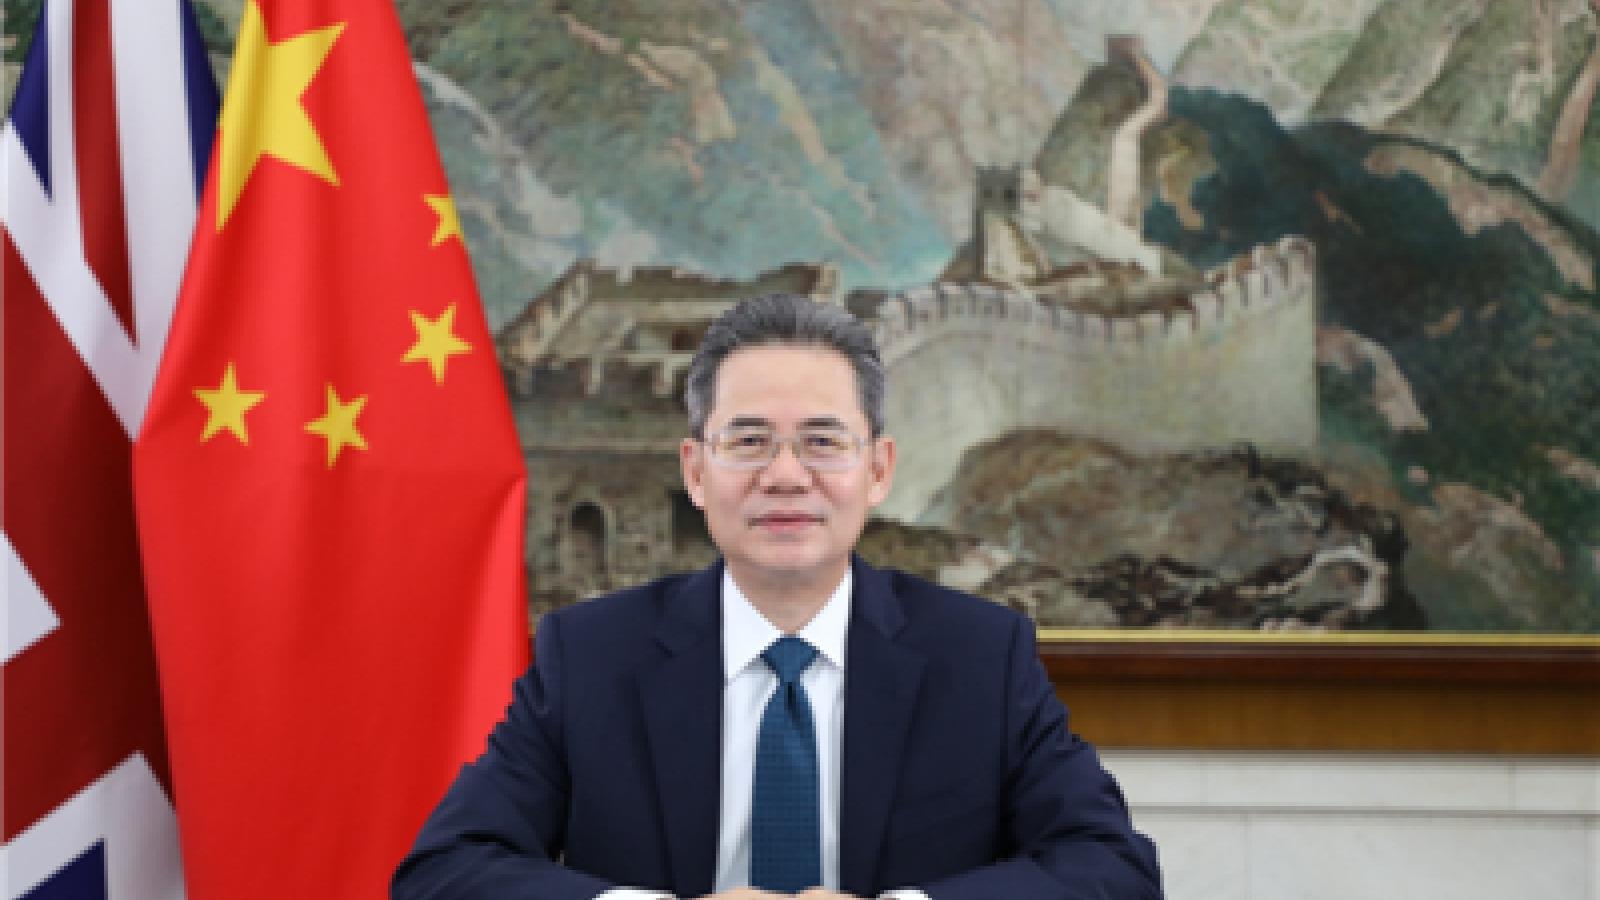 Phản ứng của Trung Quốc khi Đại sứ nước này bị Quốc hội Anh cấm cửa